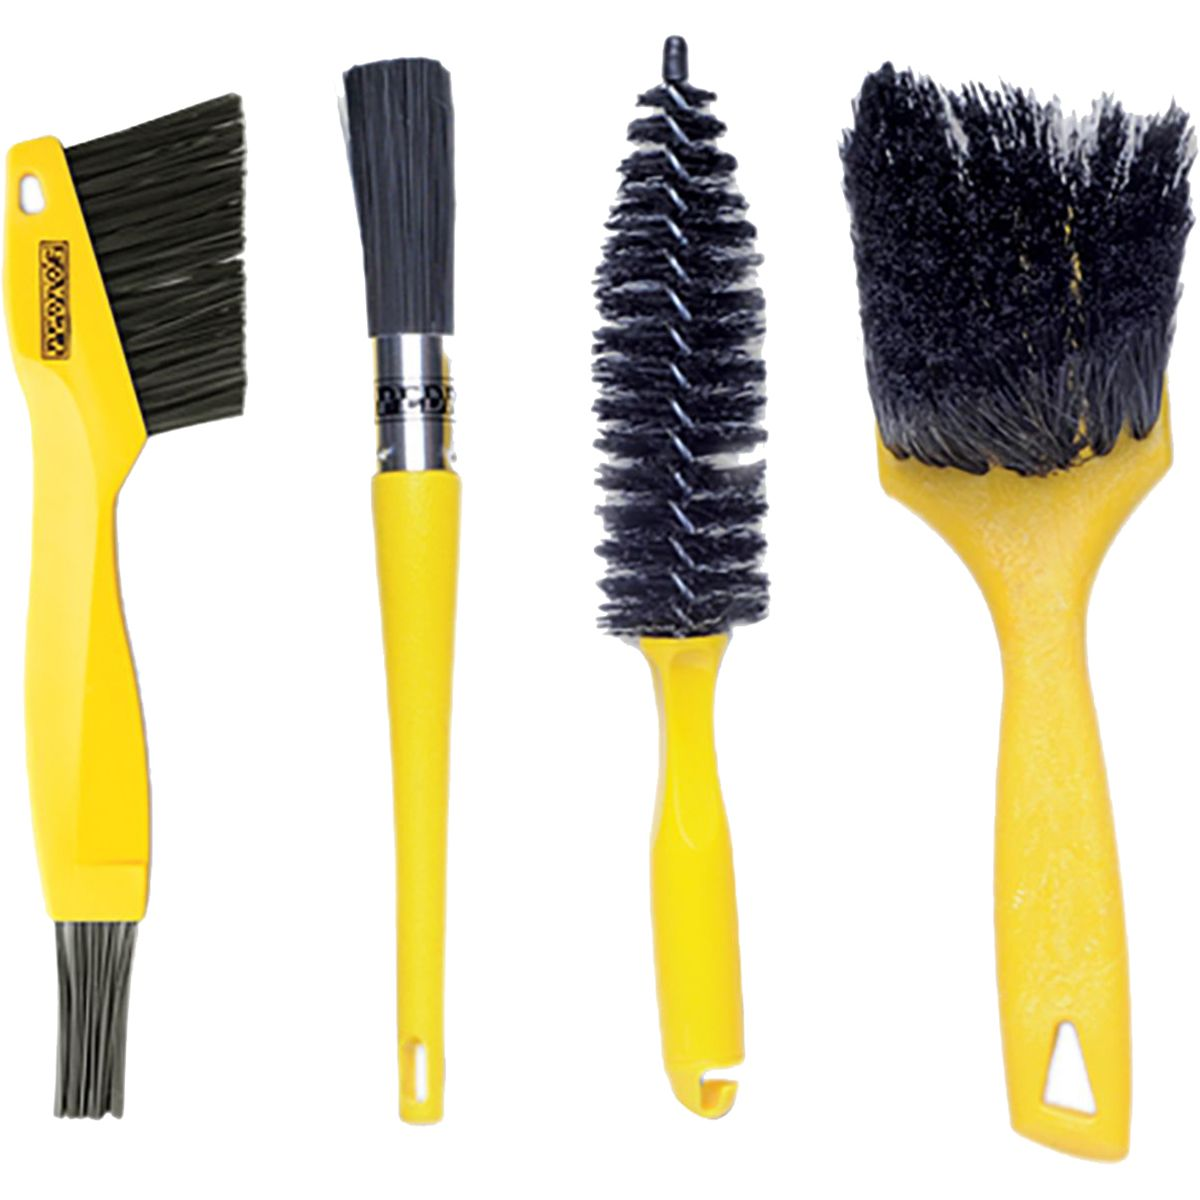 Pedro's Pro Brush Kit